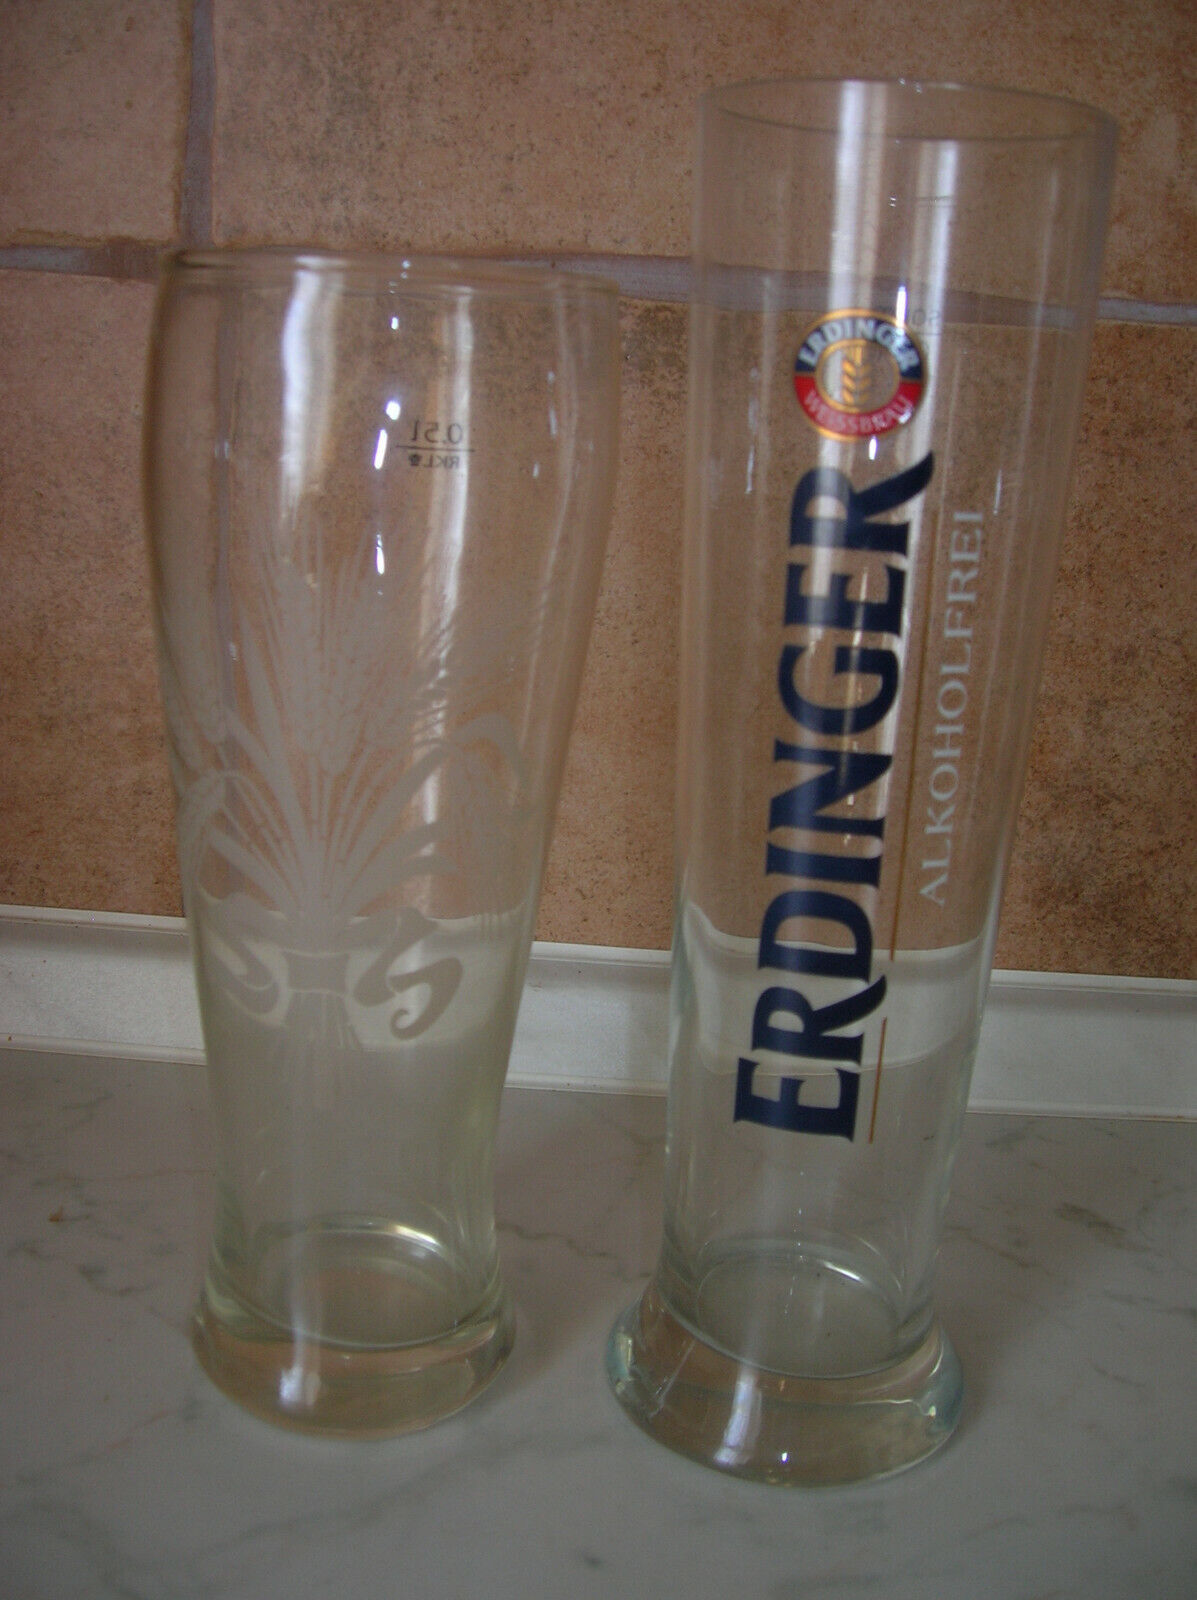 2 verschiedene Erdinger alkoholfrei + Hefeweizen Biergläser  Reklame Sammelgläse